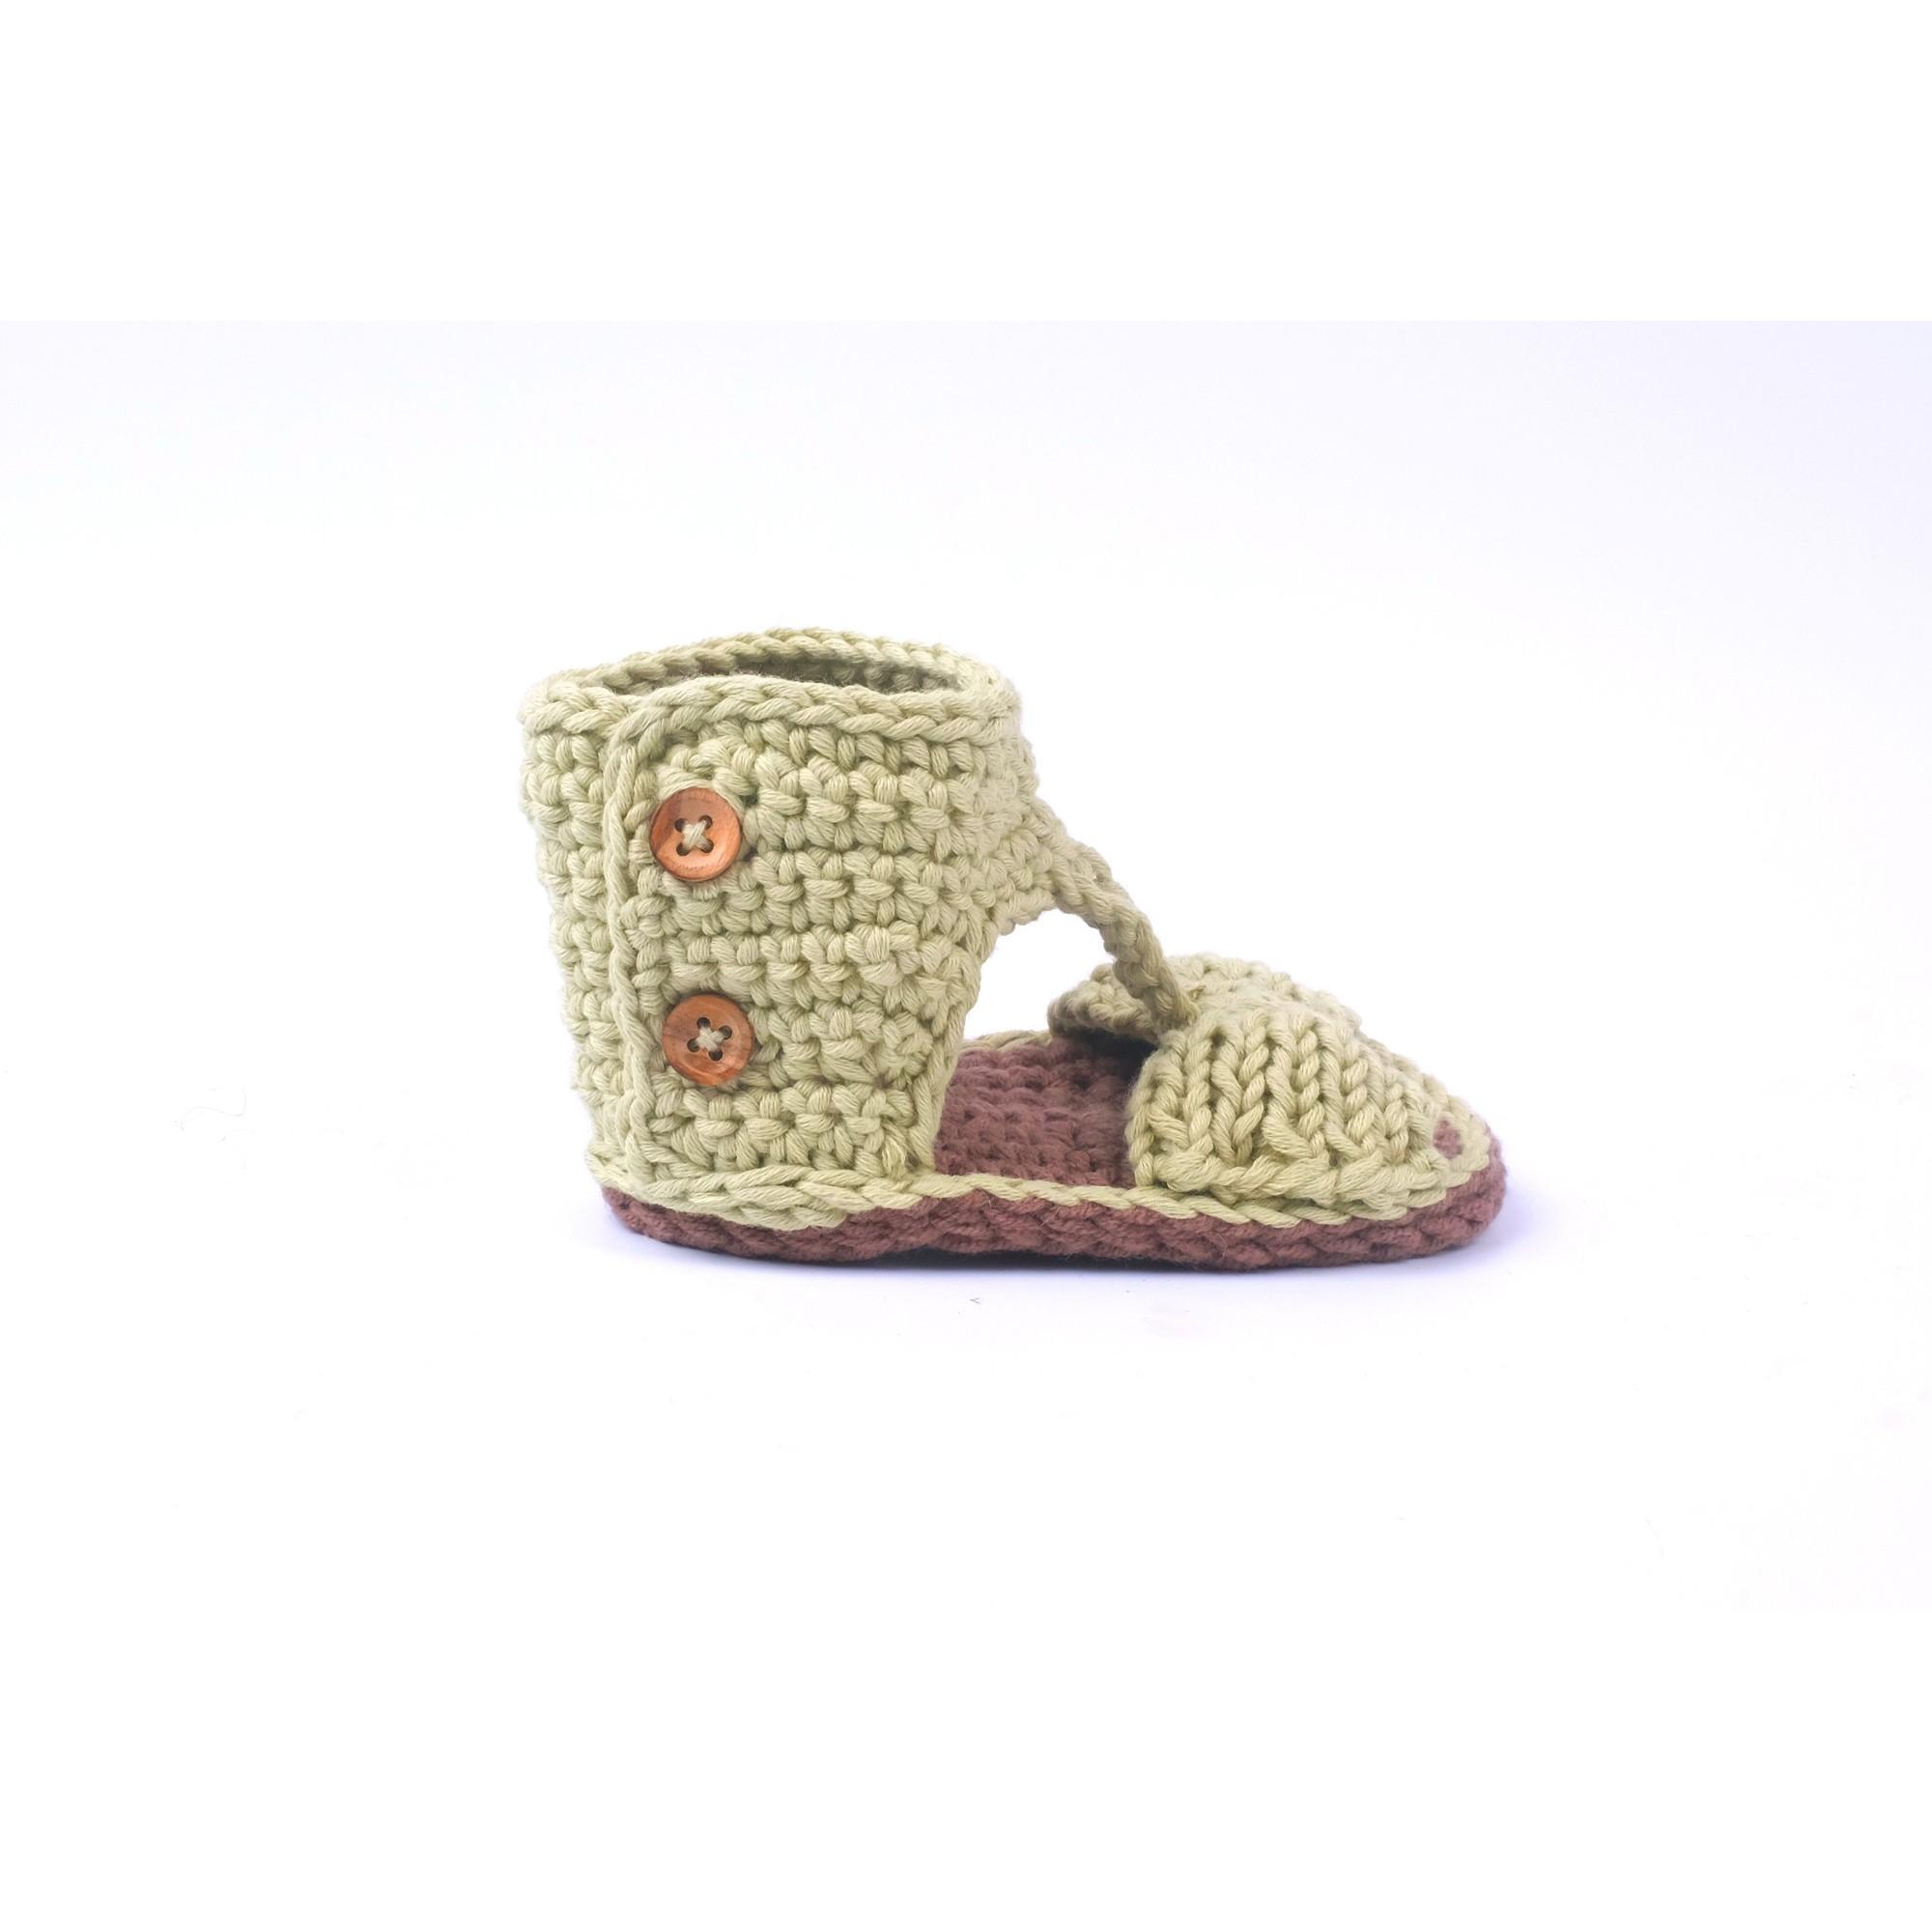 Sandale Jeannette verte tricotée pour bébé - vue de profil